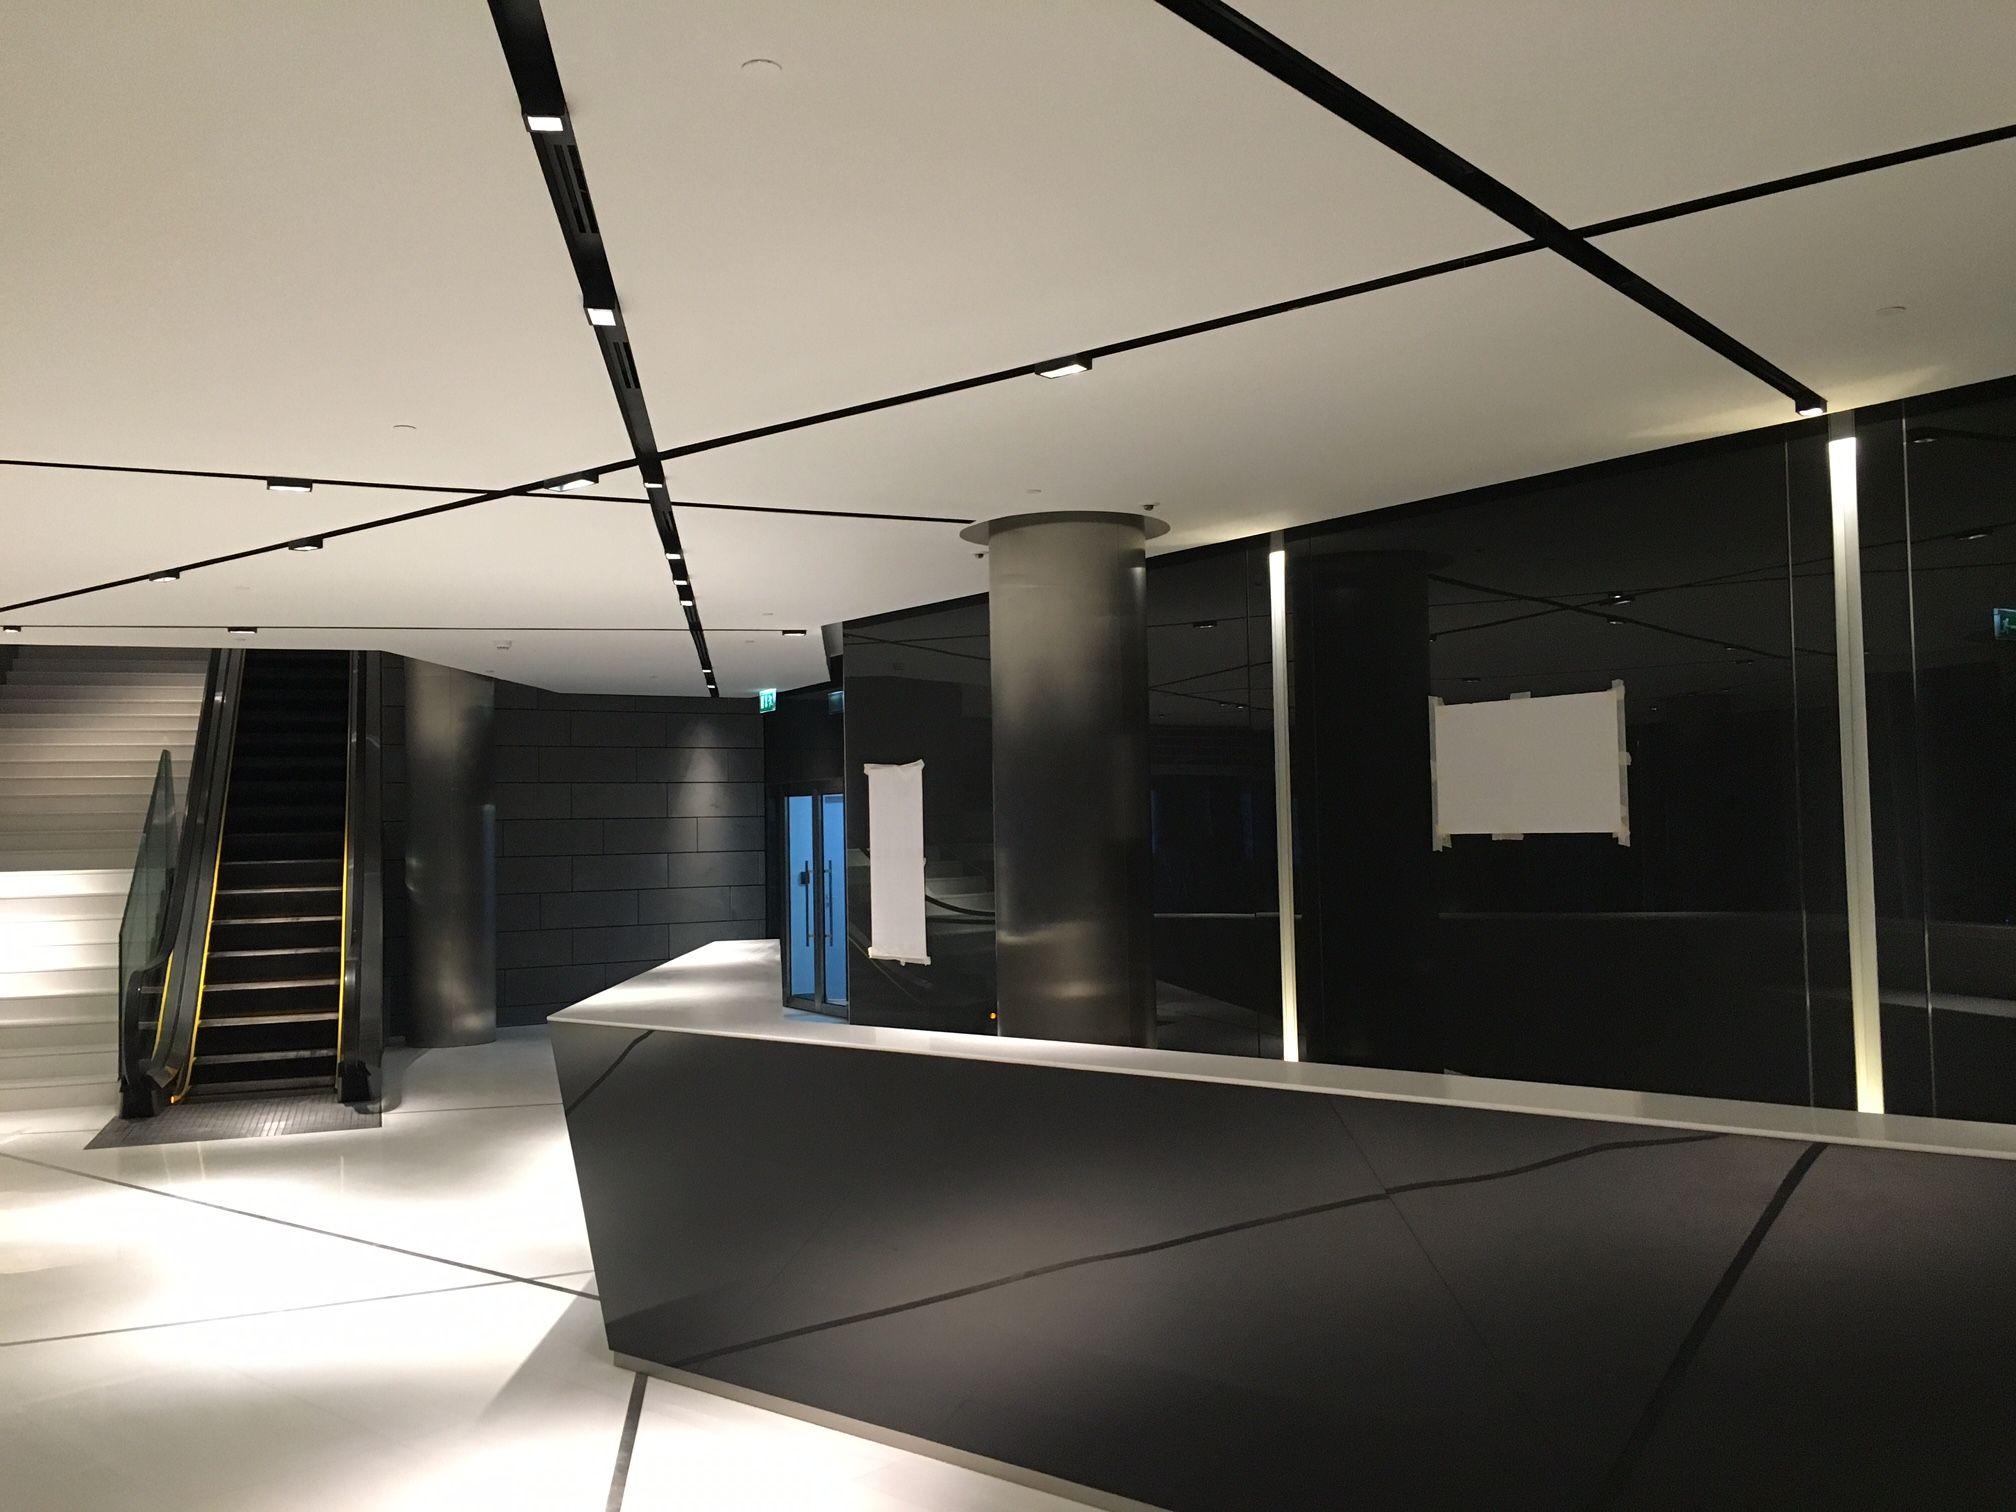 kreon lighting. Crossed Kreon Prologe In-Dolma Lighting Profile With Integrated Ventilation Slots. G